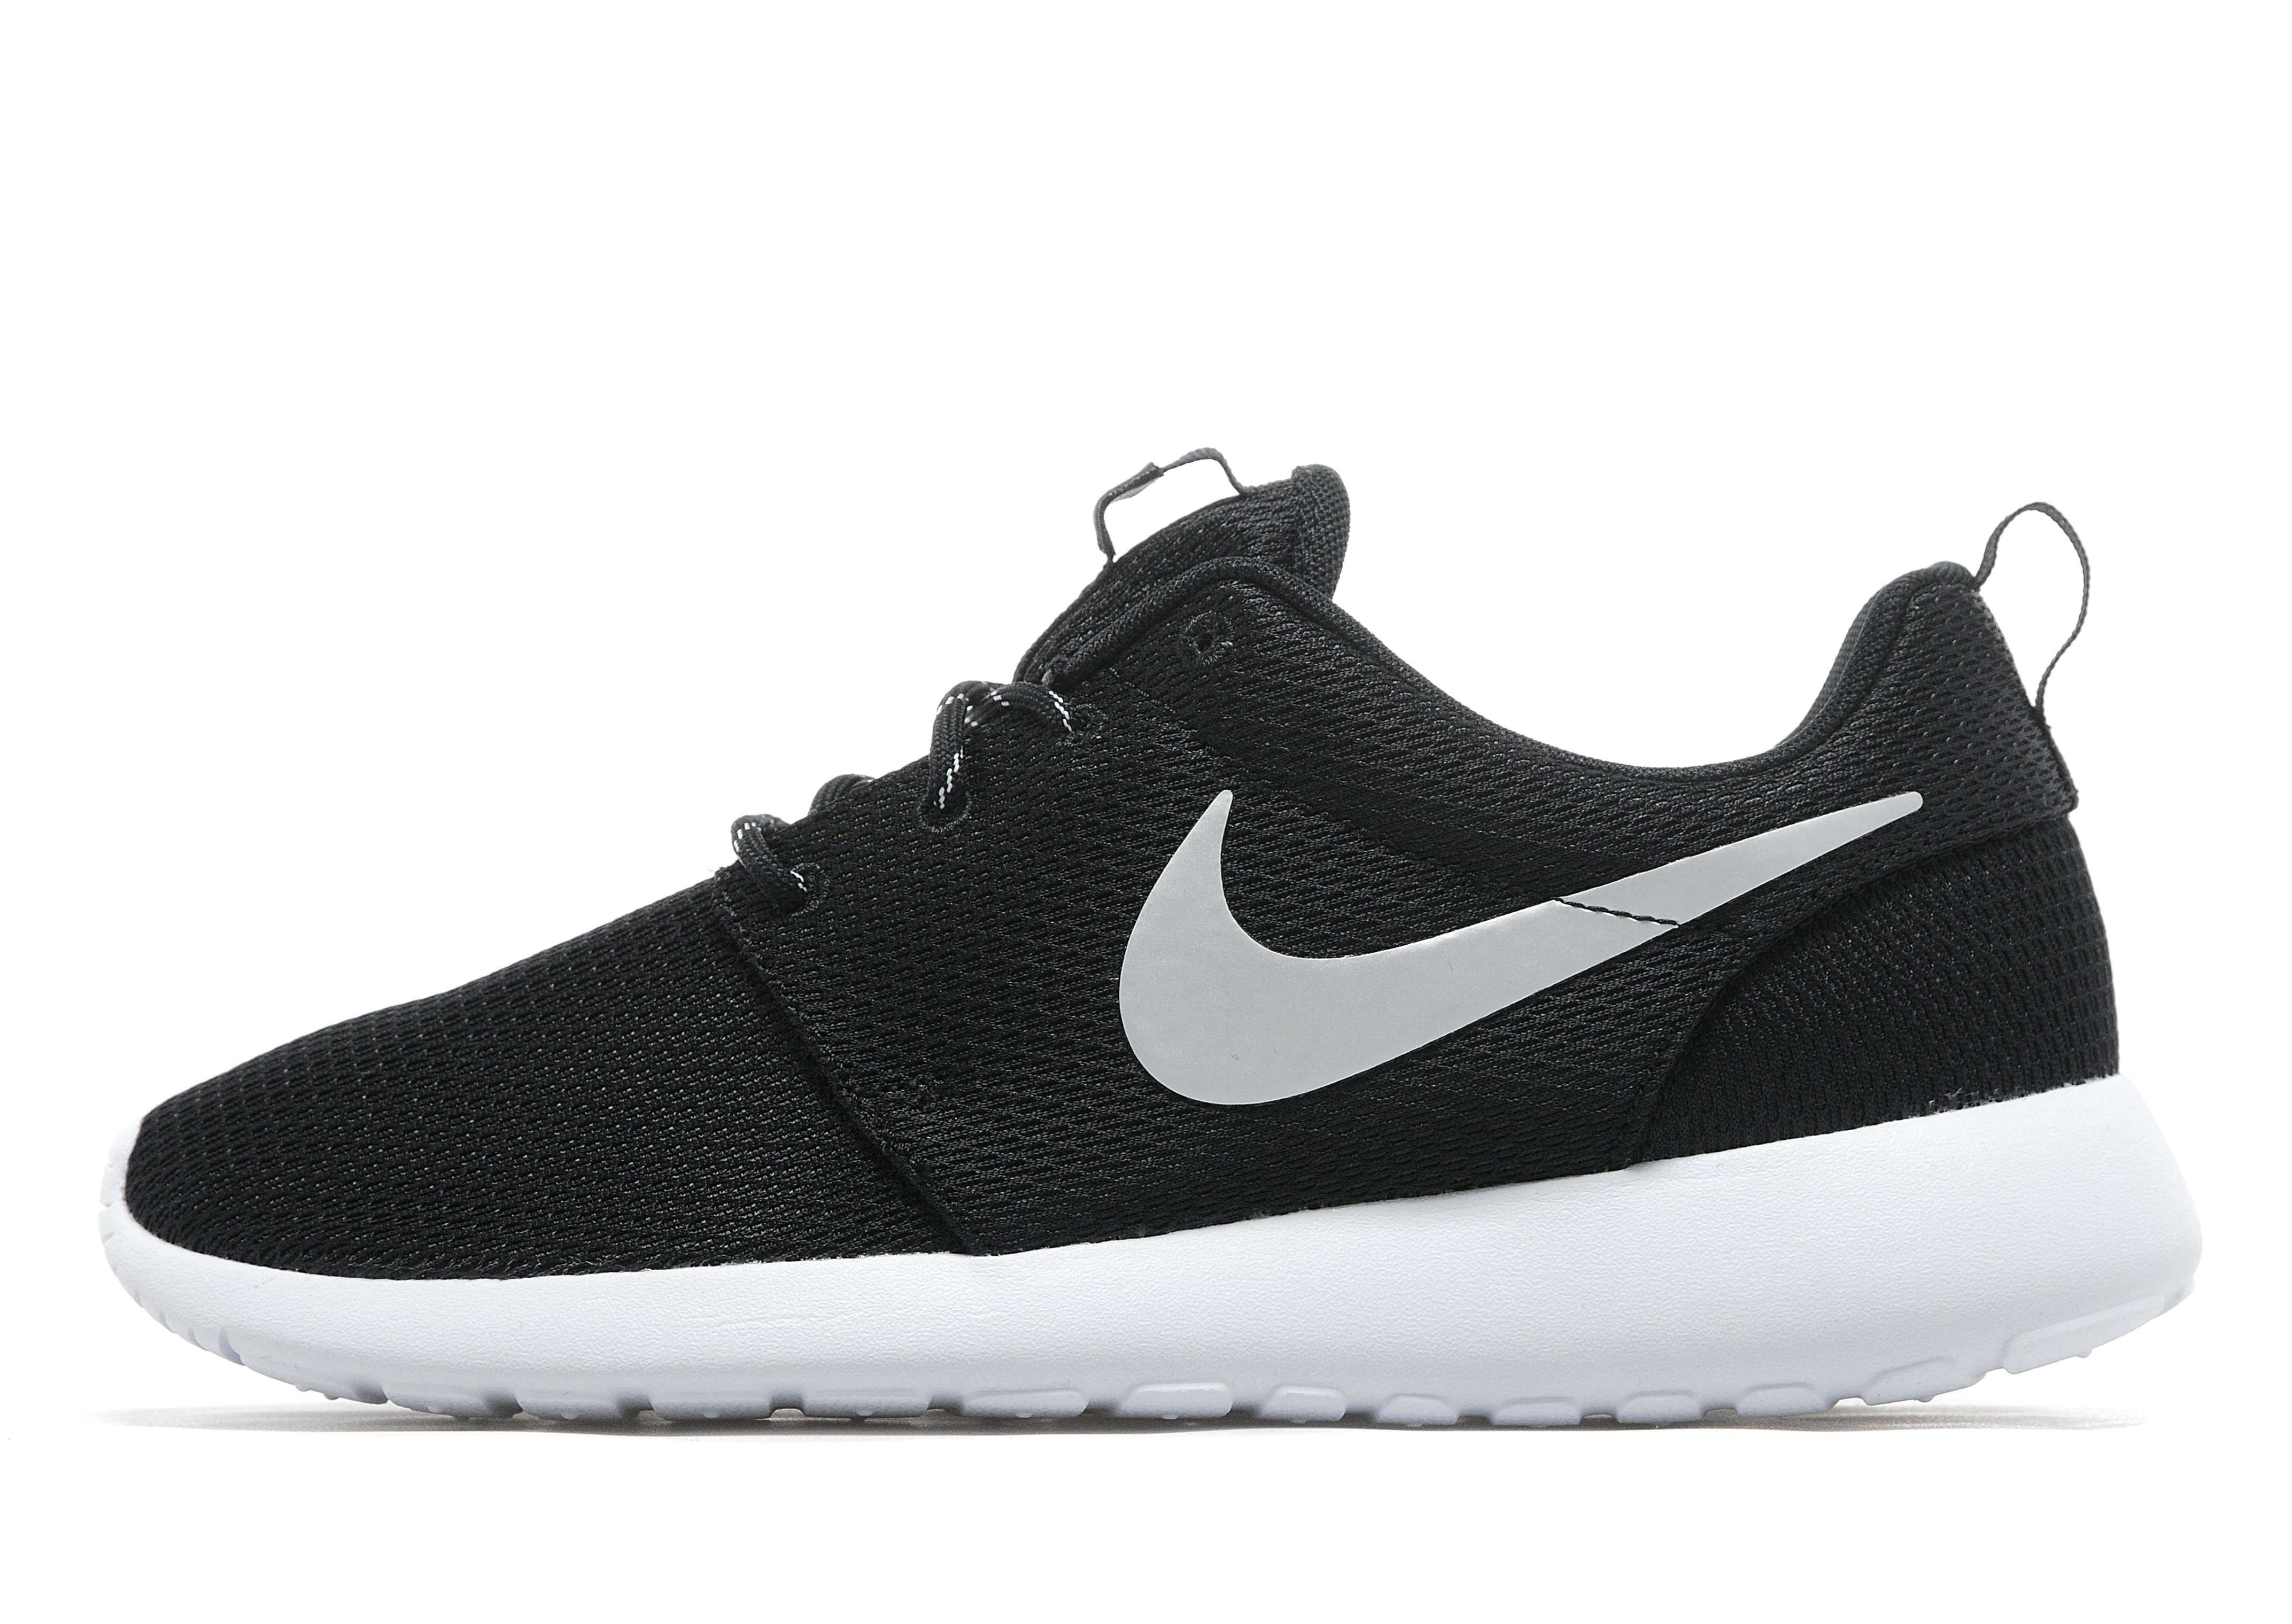 Nike Roshe Plazo Para Hombre Negro Garrapata Blanco obtener nuevos precio barato finishline comprar en venta mUtt53